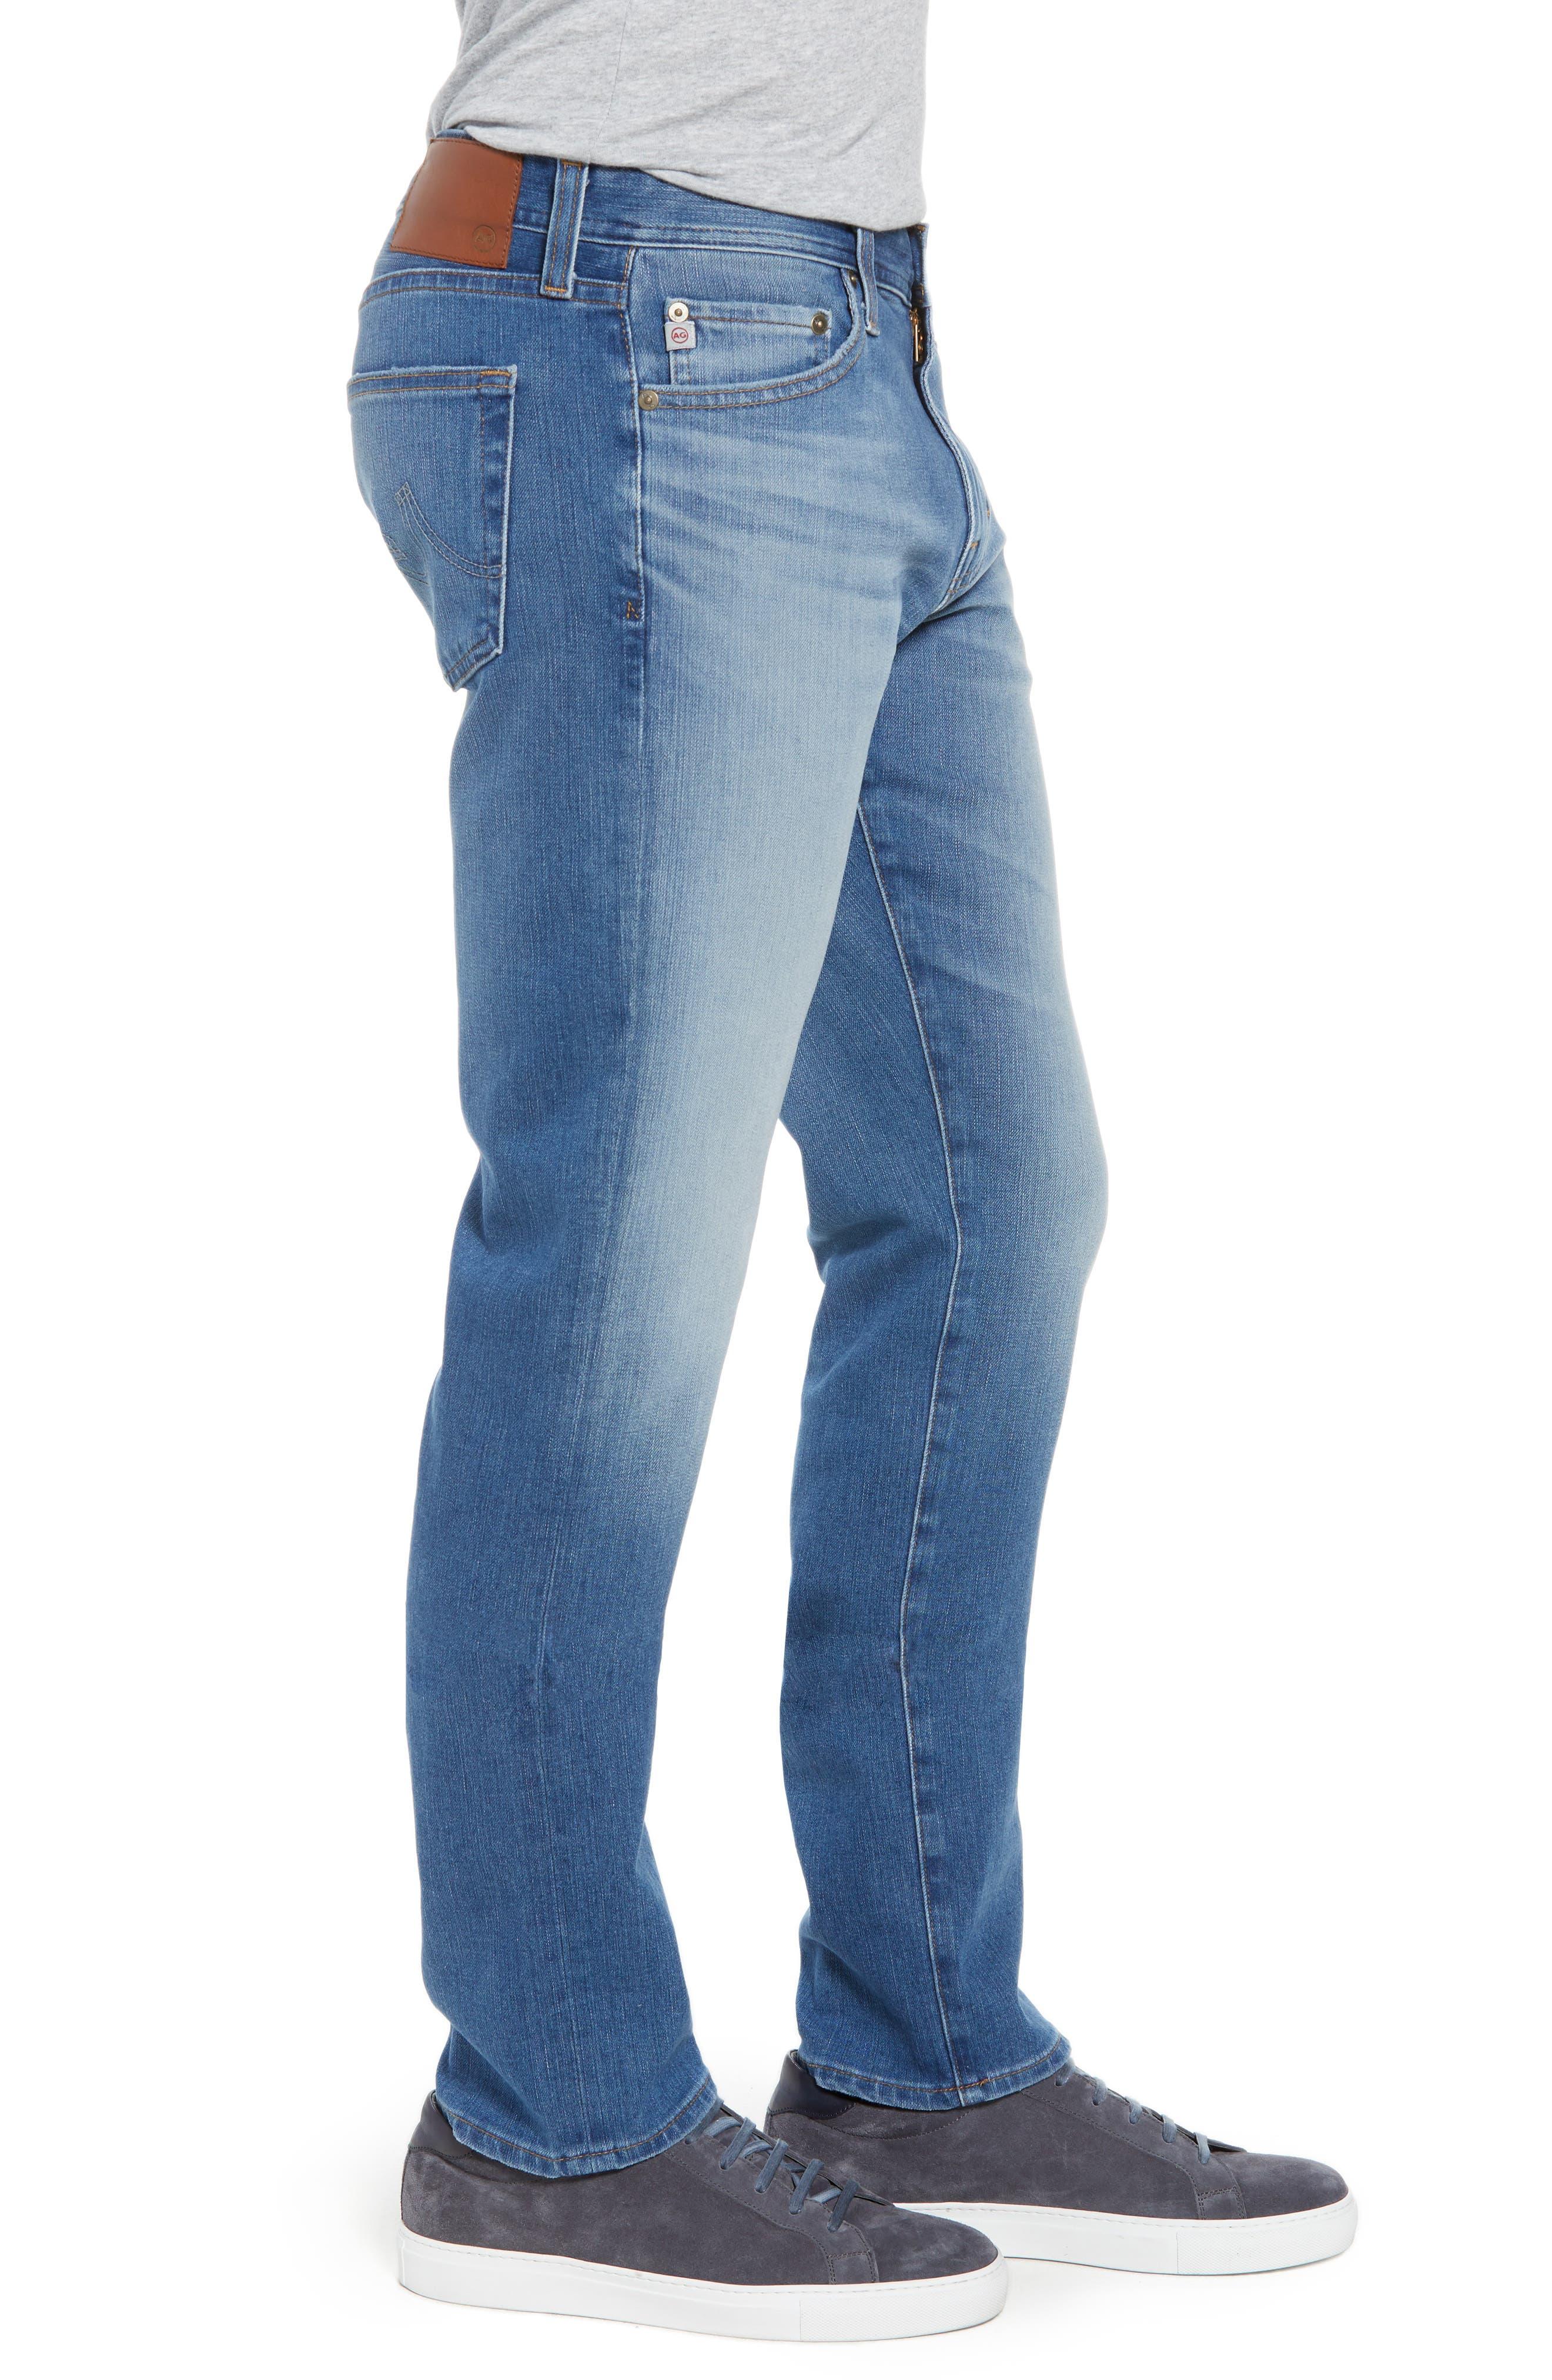 Everett Slim Straight Leg Jeans,                             Alternate thumbnail 3, color,                             487